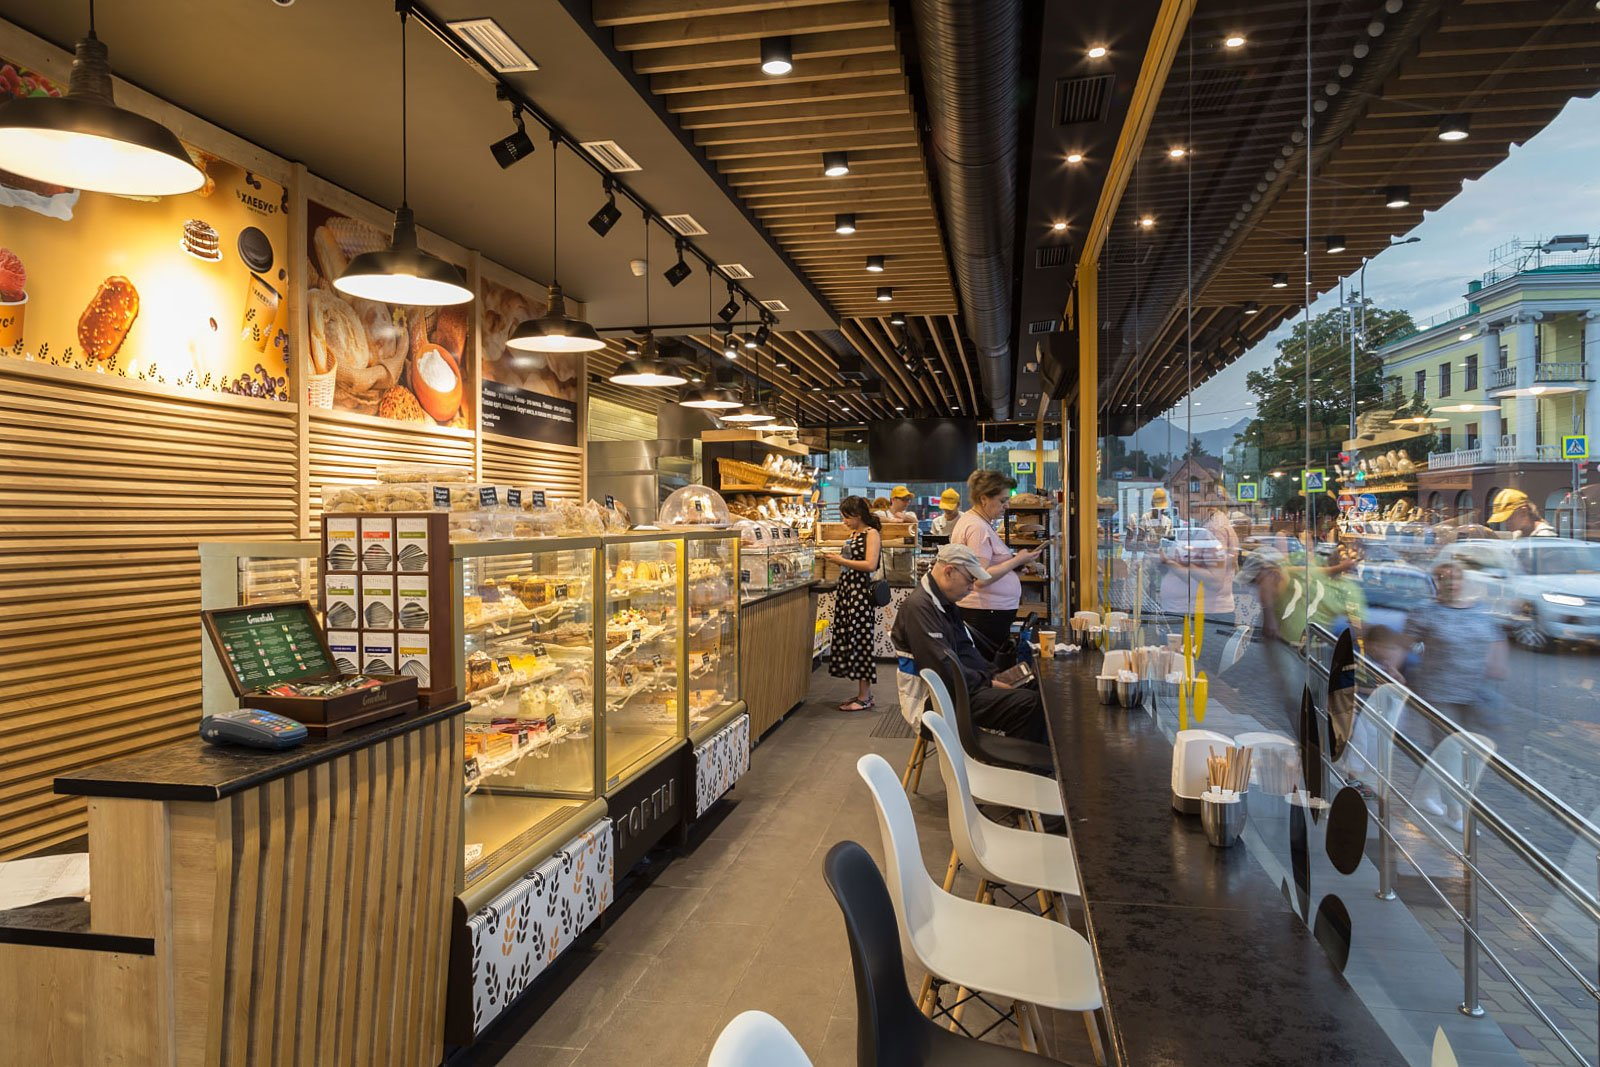 fotografiya inter'yera kafe v pekarne s vypechkoy i posetitelyam